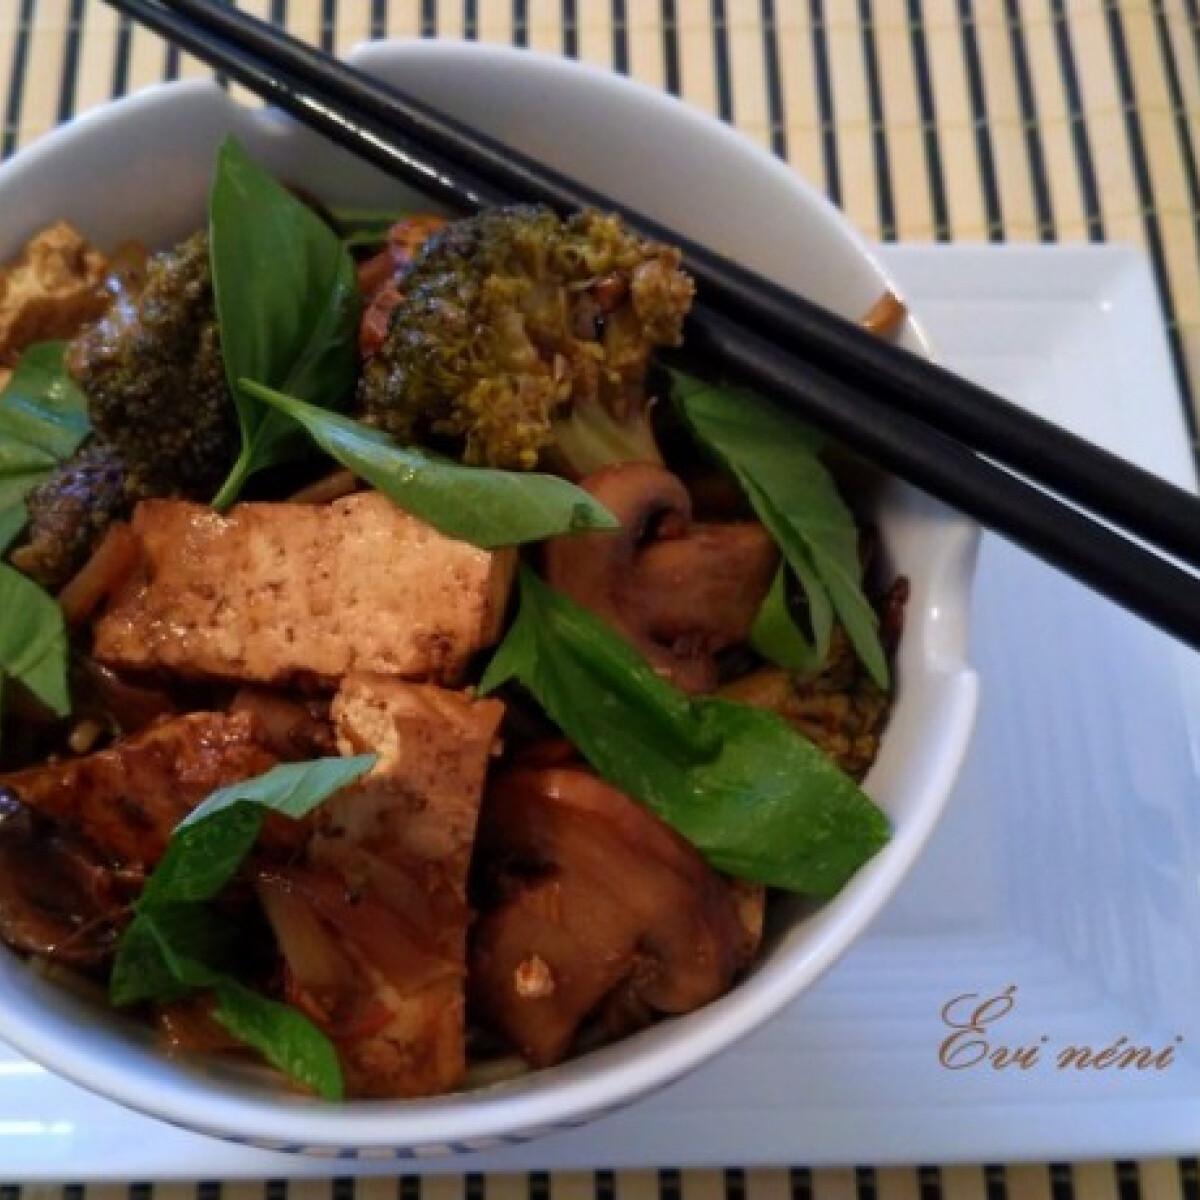 Ezen a képen: Vegetáriánus ázsiai fogás